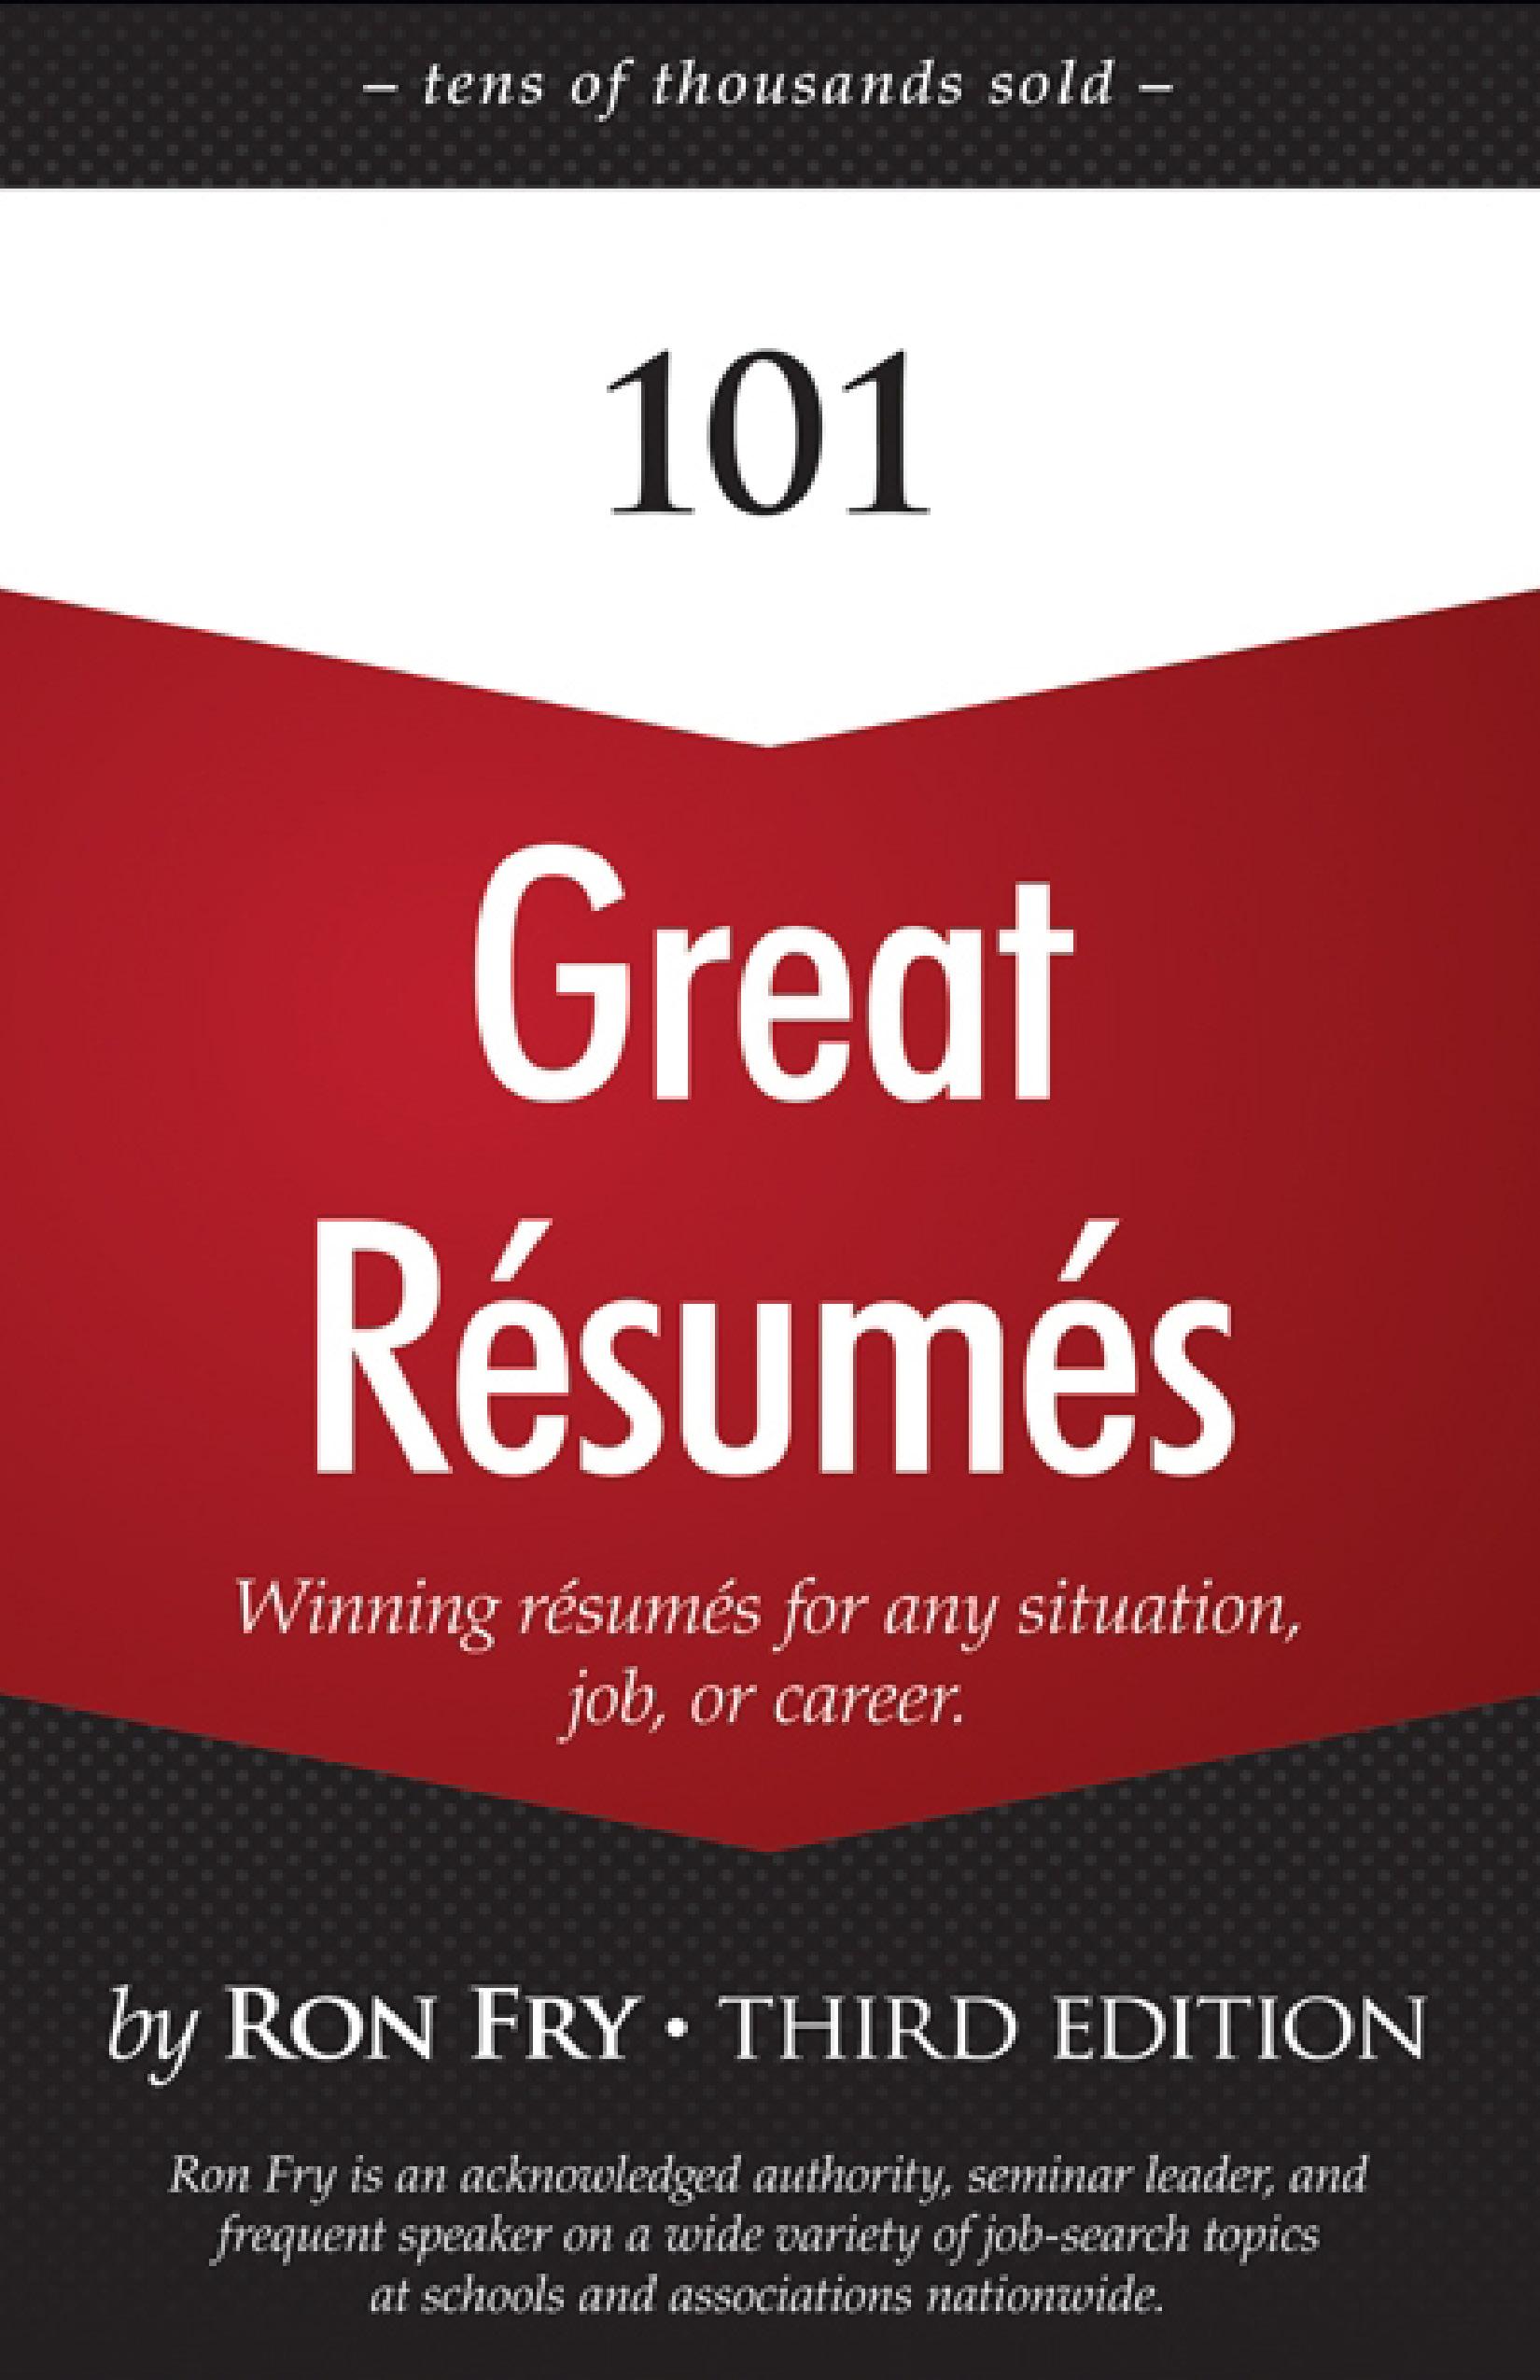 101 Great Résumés Winning Résumés for Any Situation, Job, or Career (Third Edition)